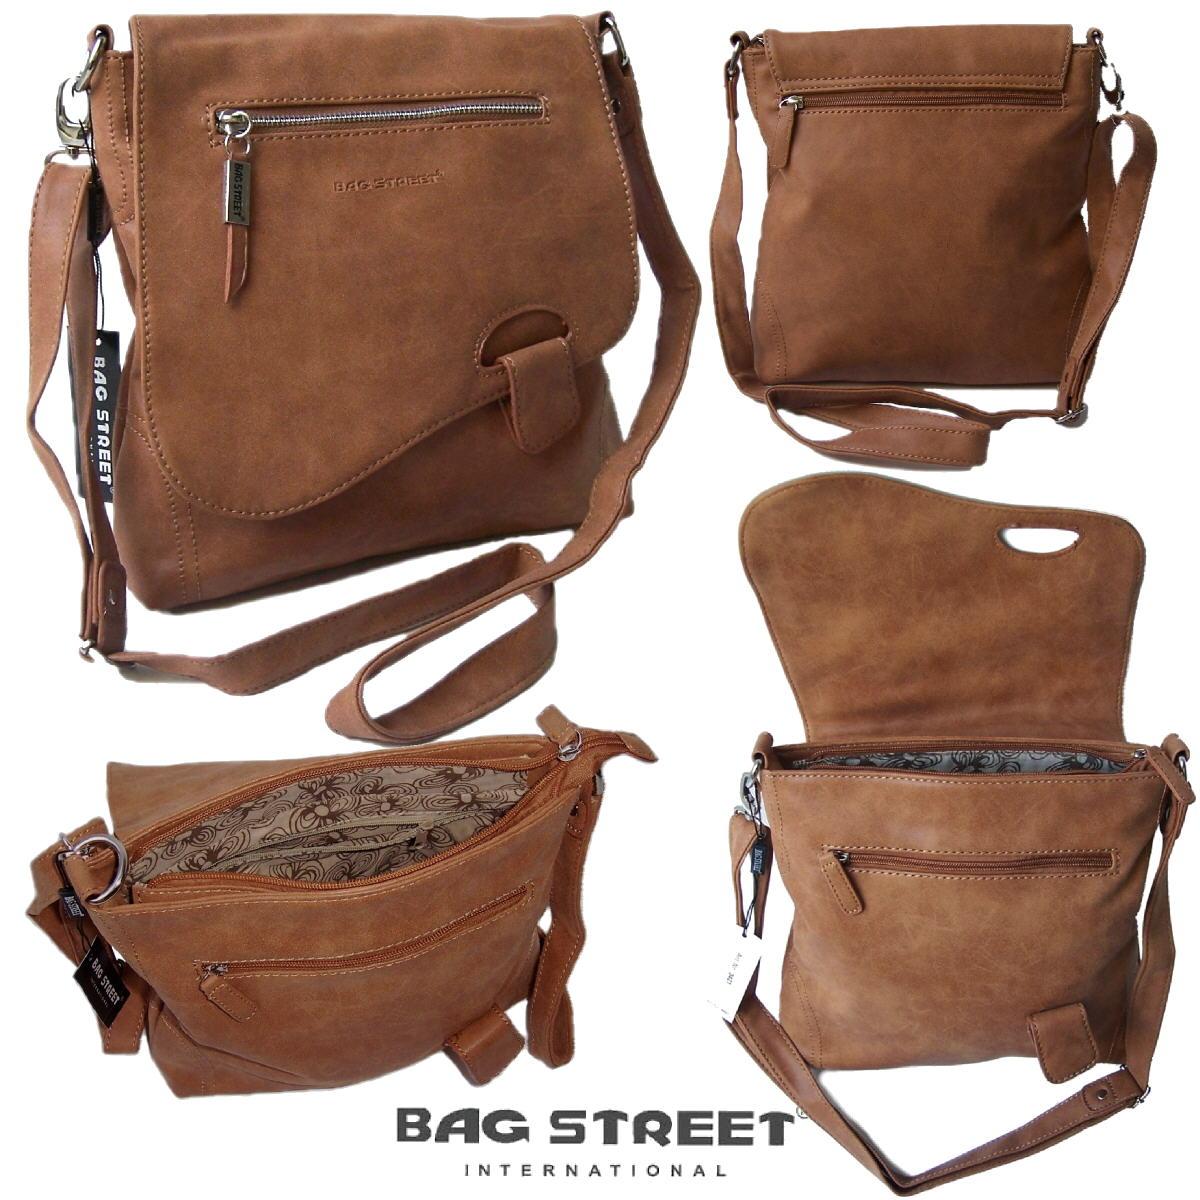 Tasche Umhängetasche Handtasche Leder-Look camel Bag Street Ta5245